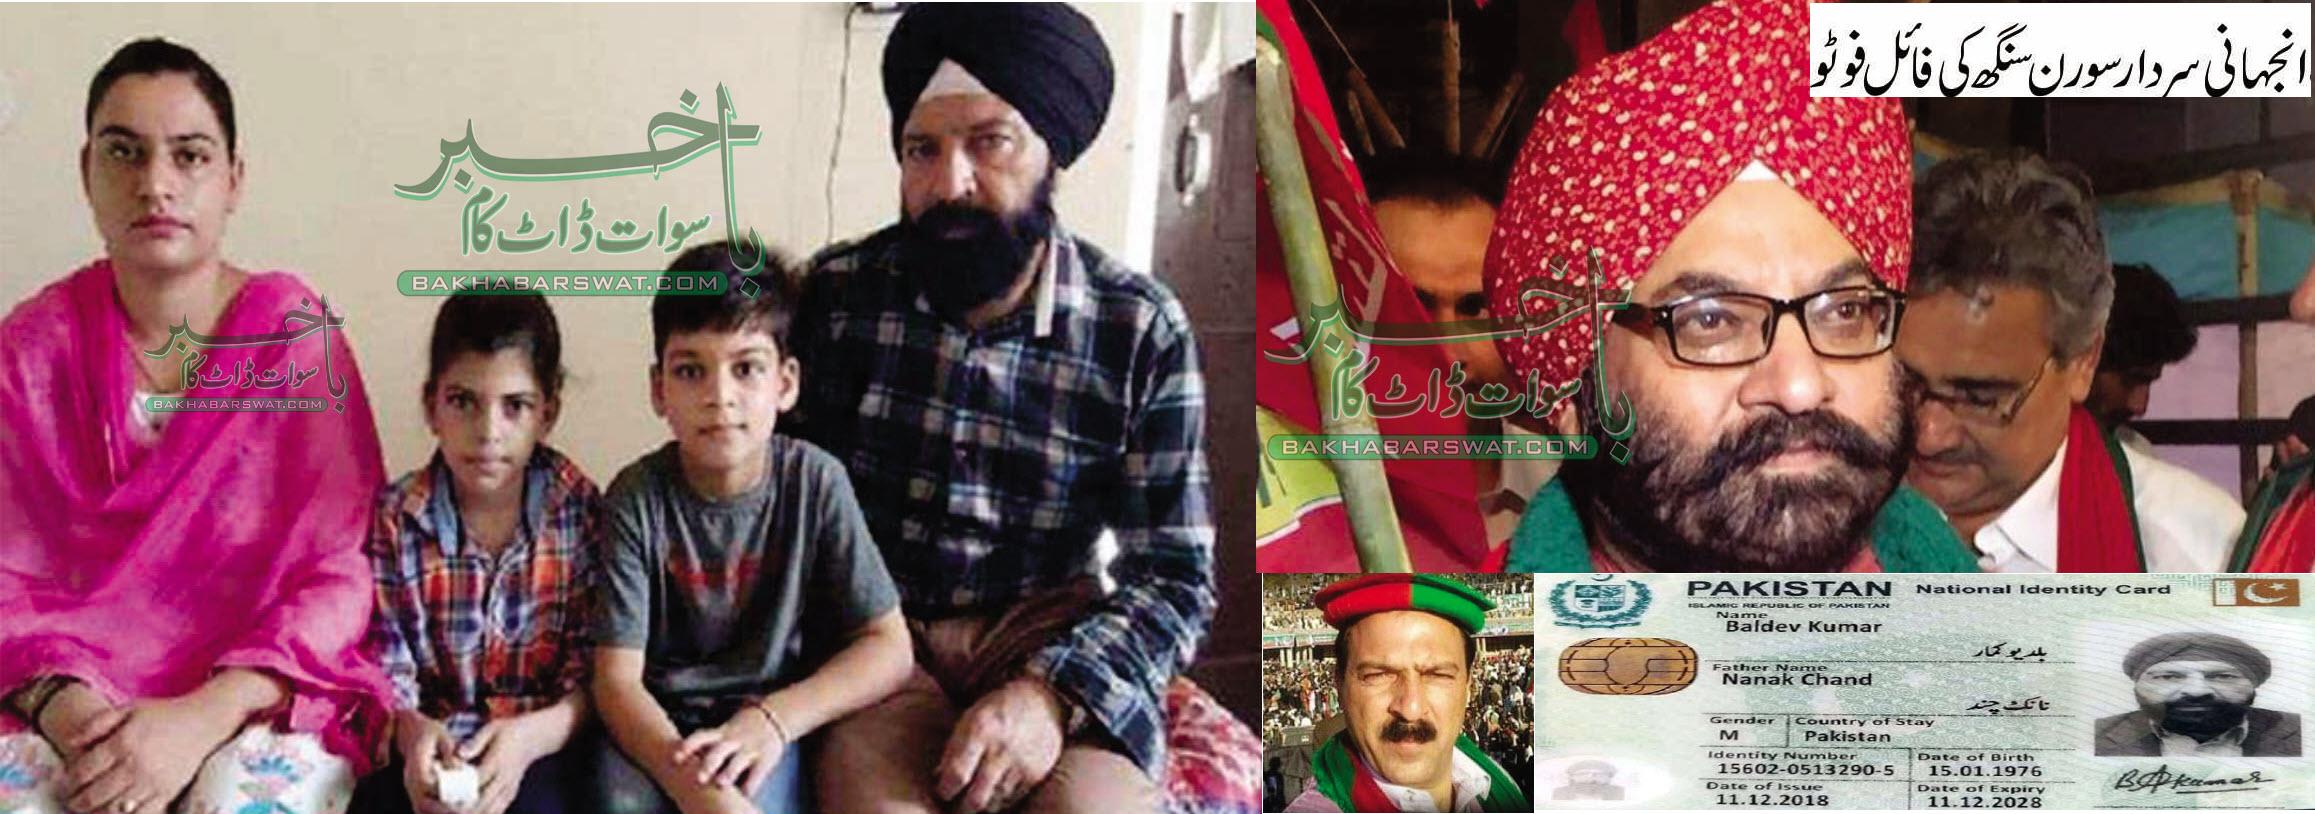 تحریک انصاف کا سابق ایم پی اے بلدیو کمار ملک سے فرار